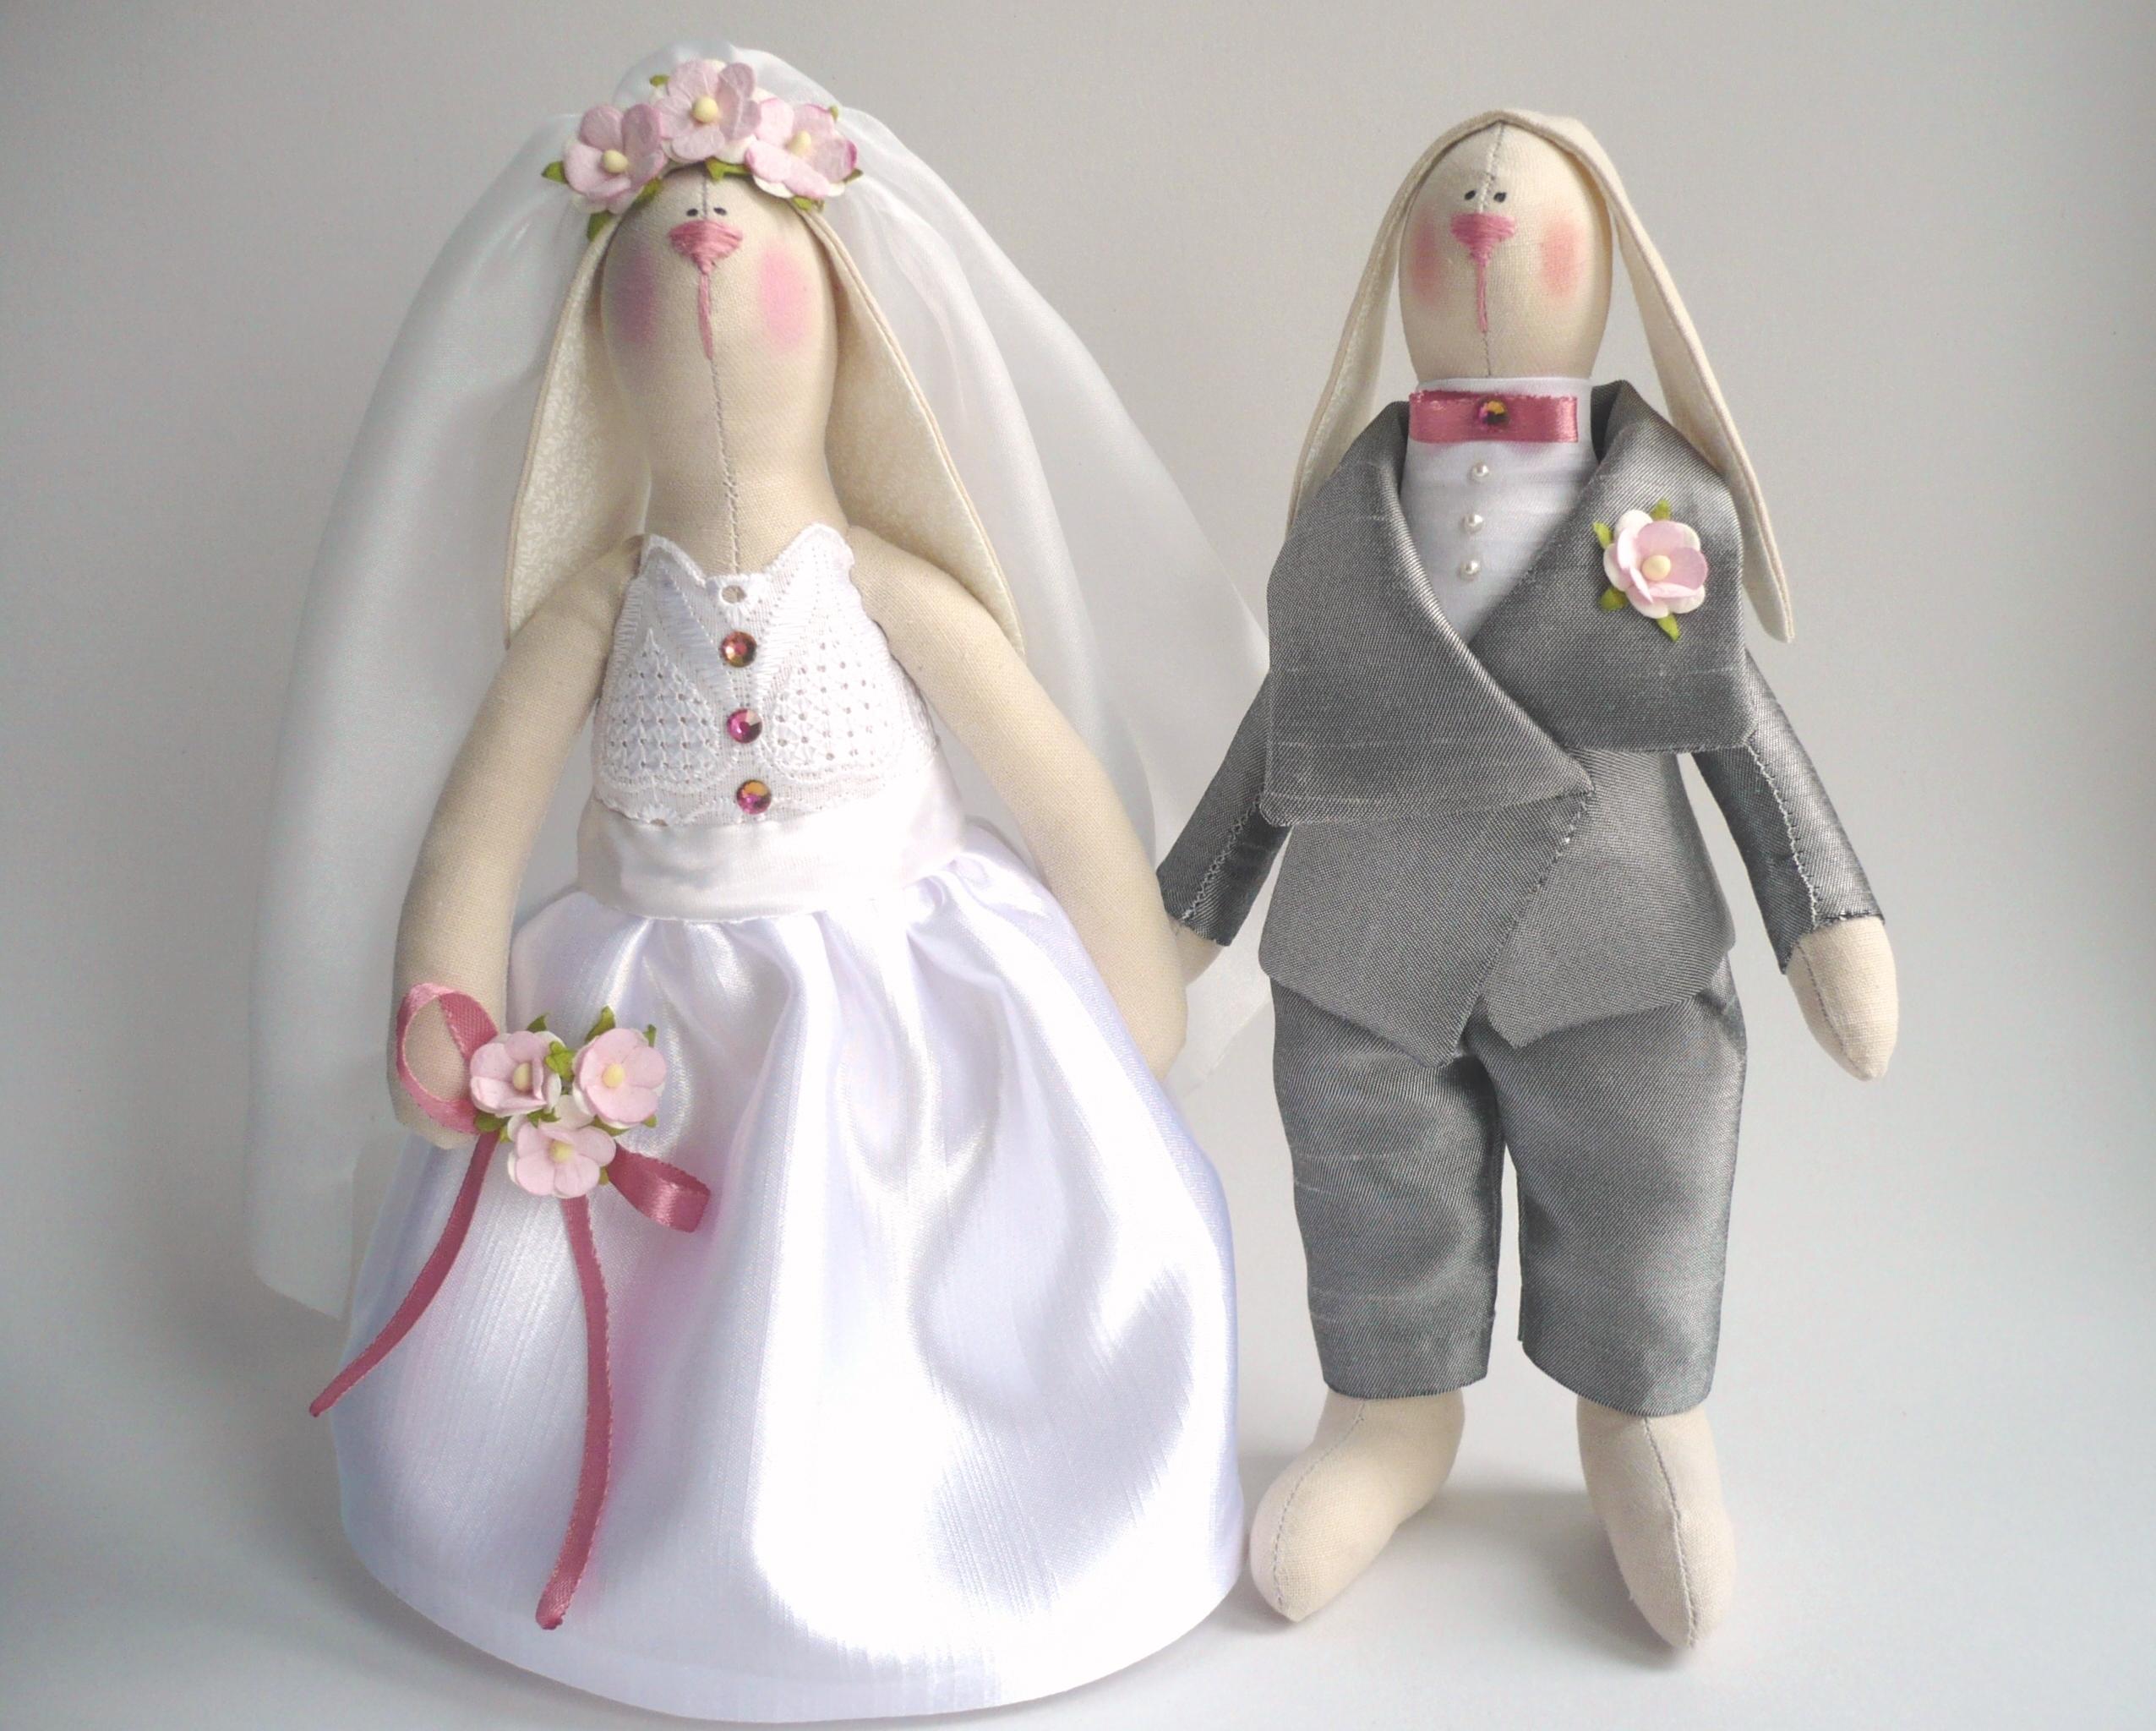 Бабочка галстуВыкройки куклы-невесты и куклы жениха